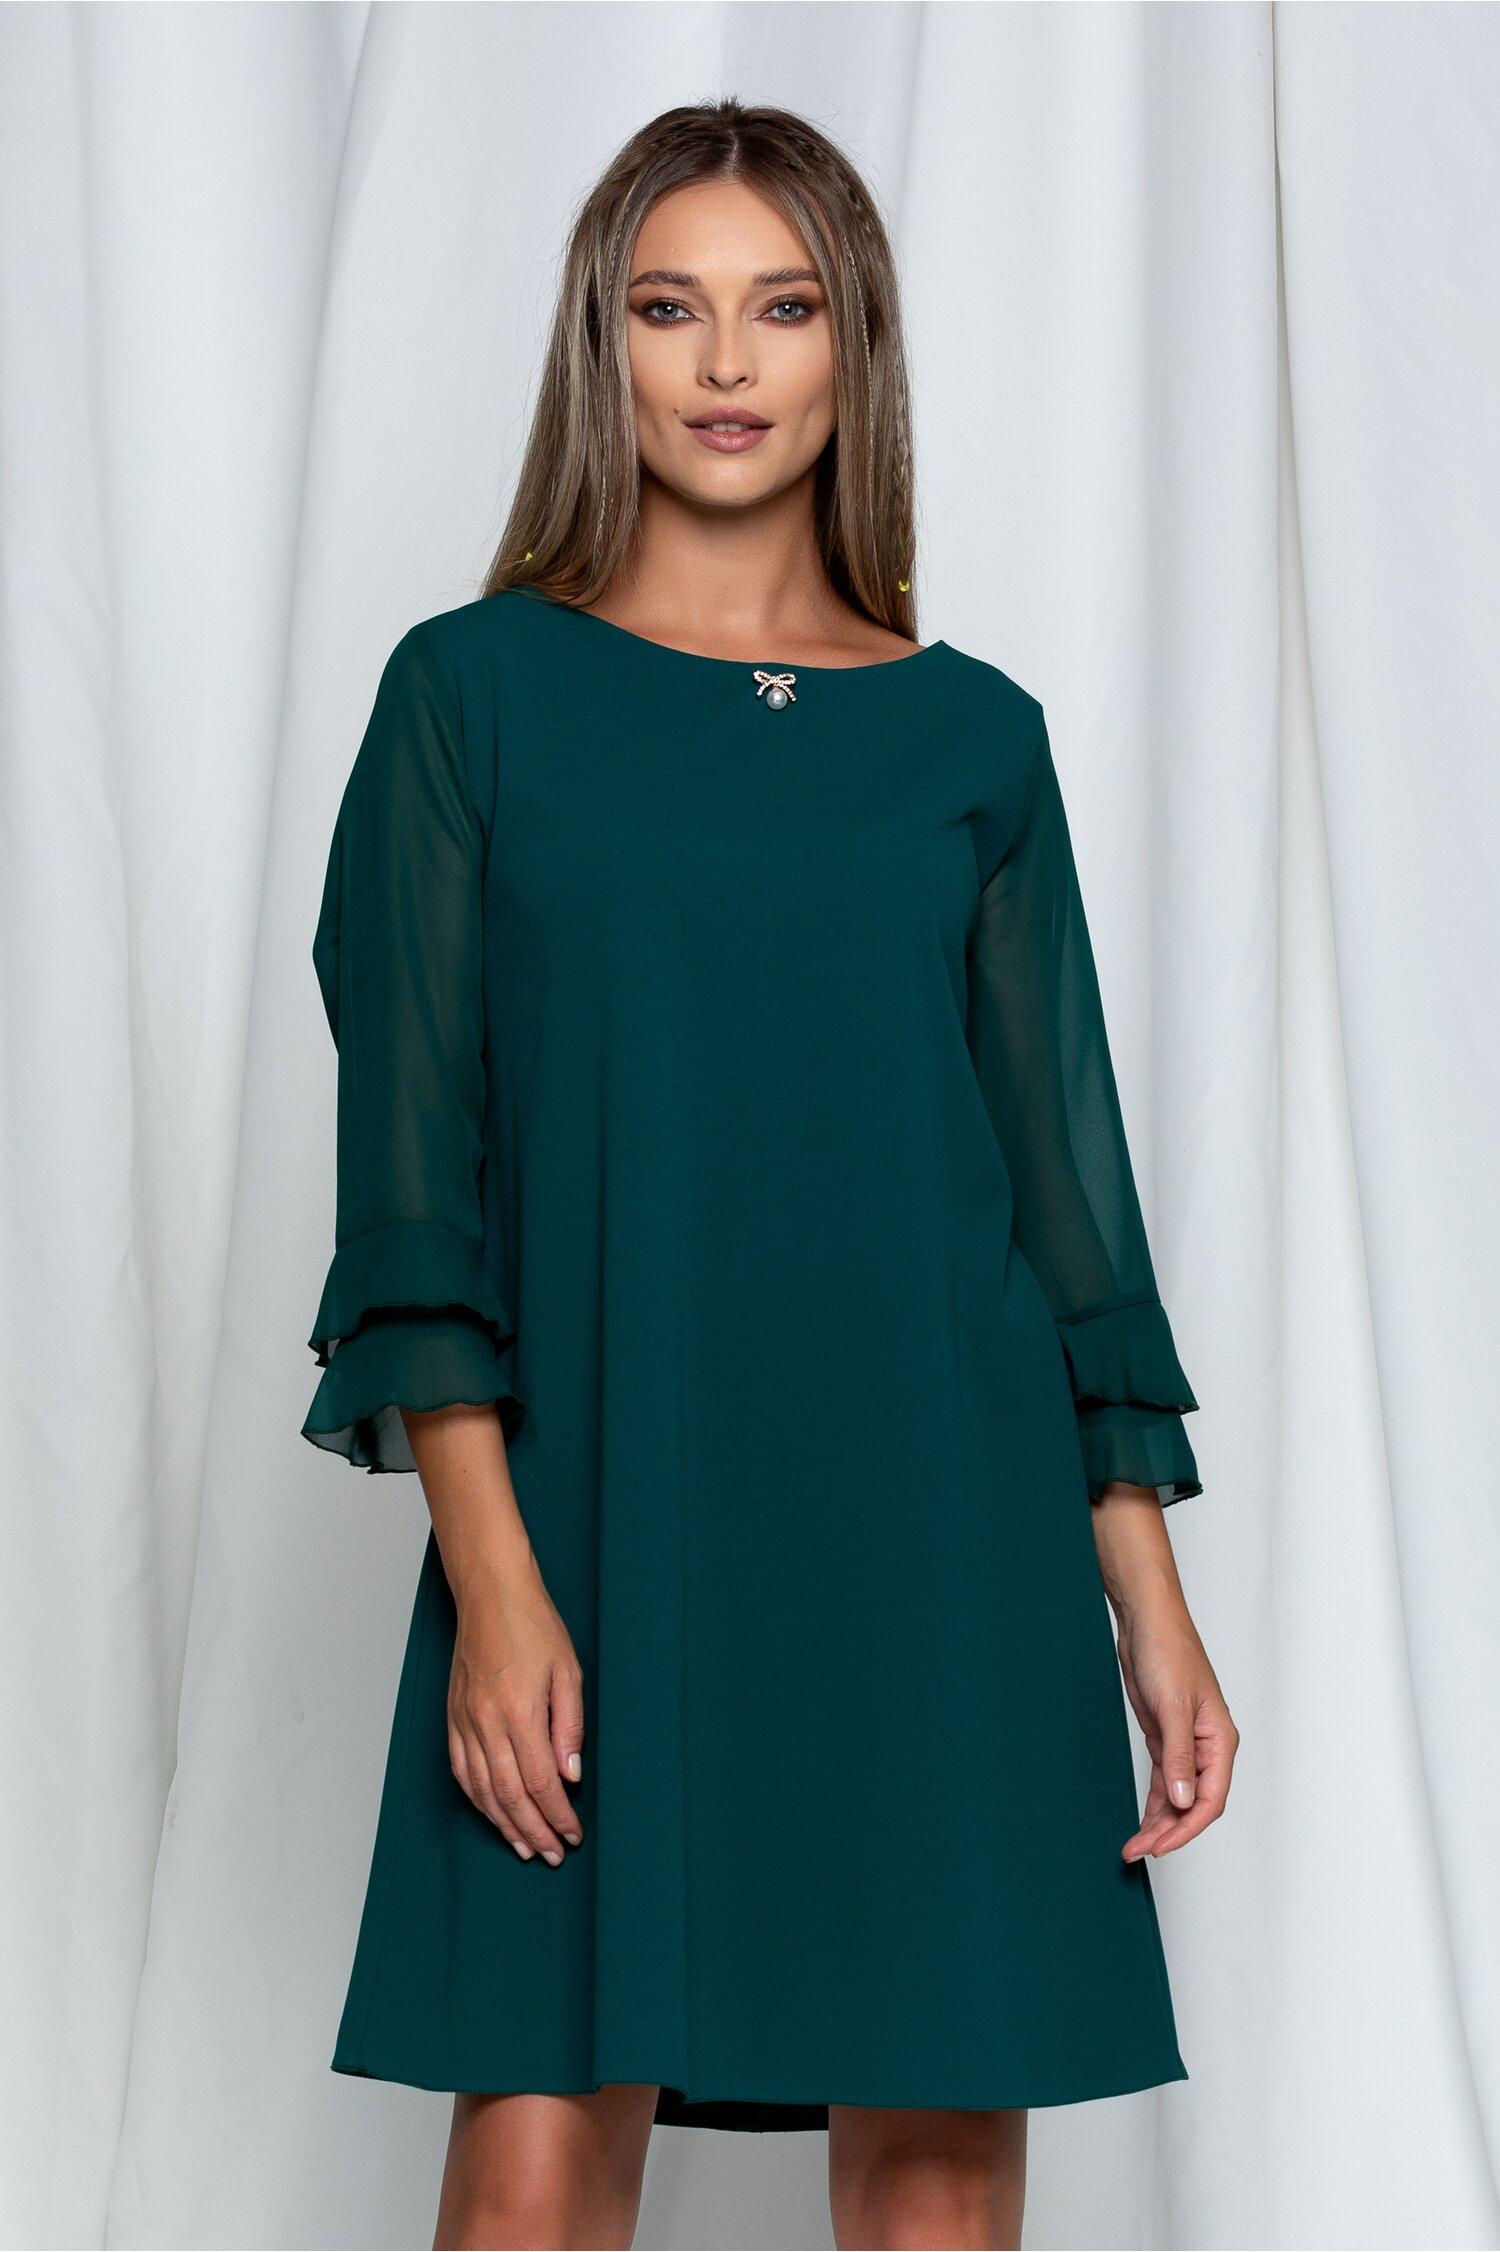 Rochie Marisa verde cu maneci din voal